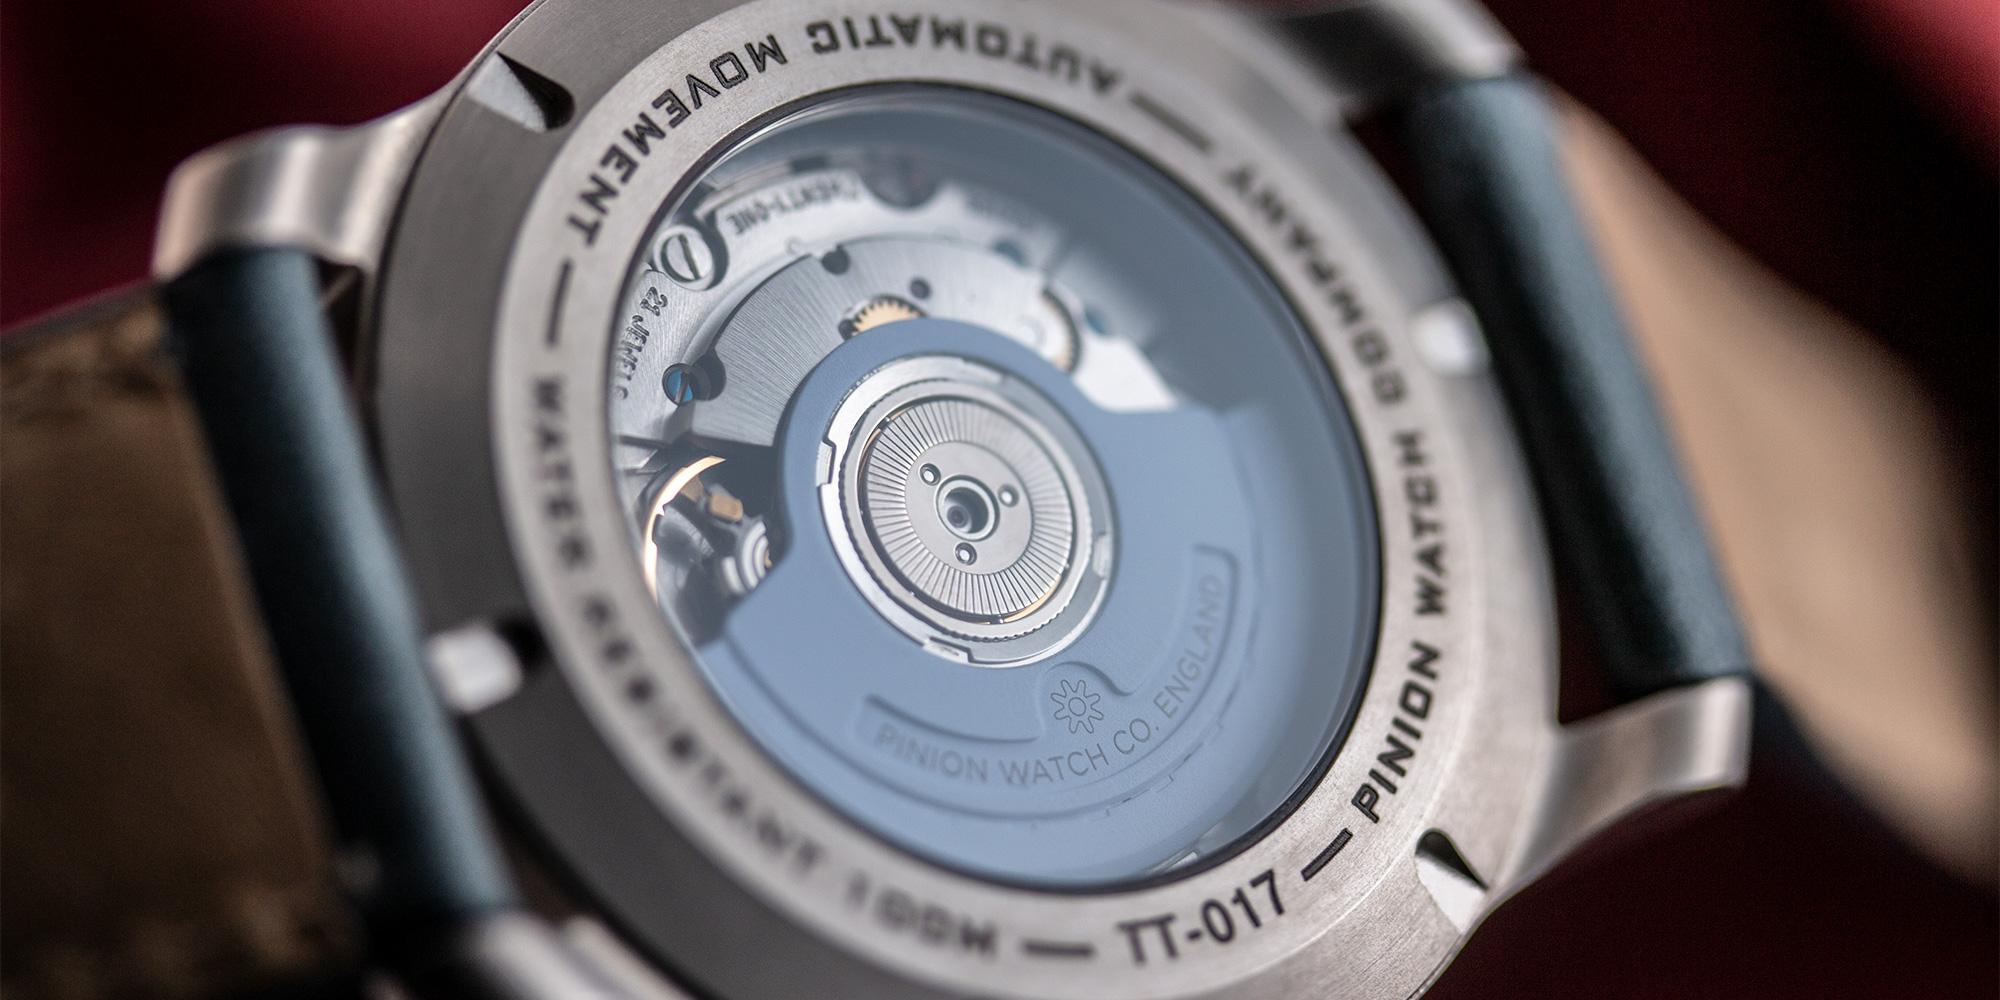 pinion-tt-anthracite-titanium-gmt-watch-caseback